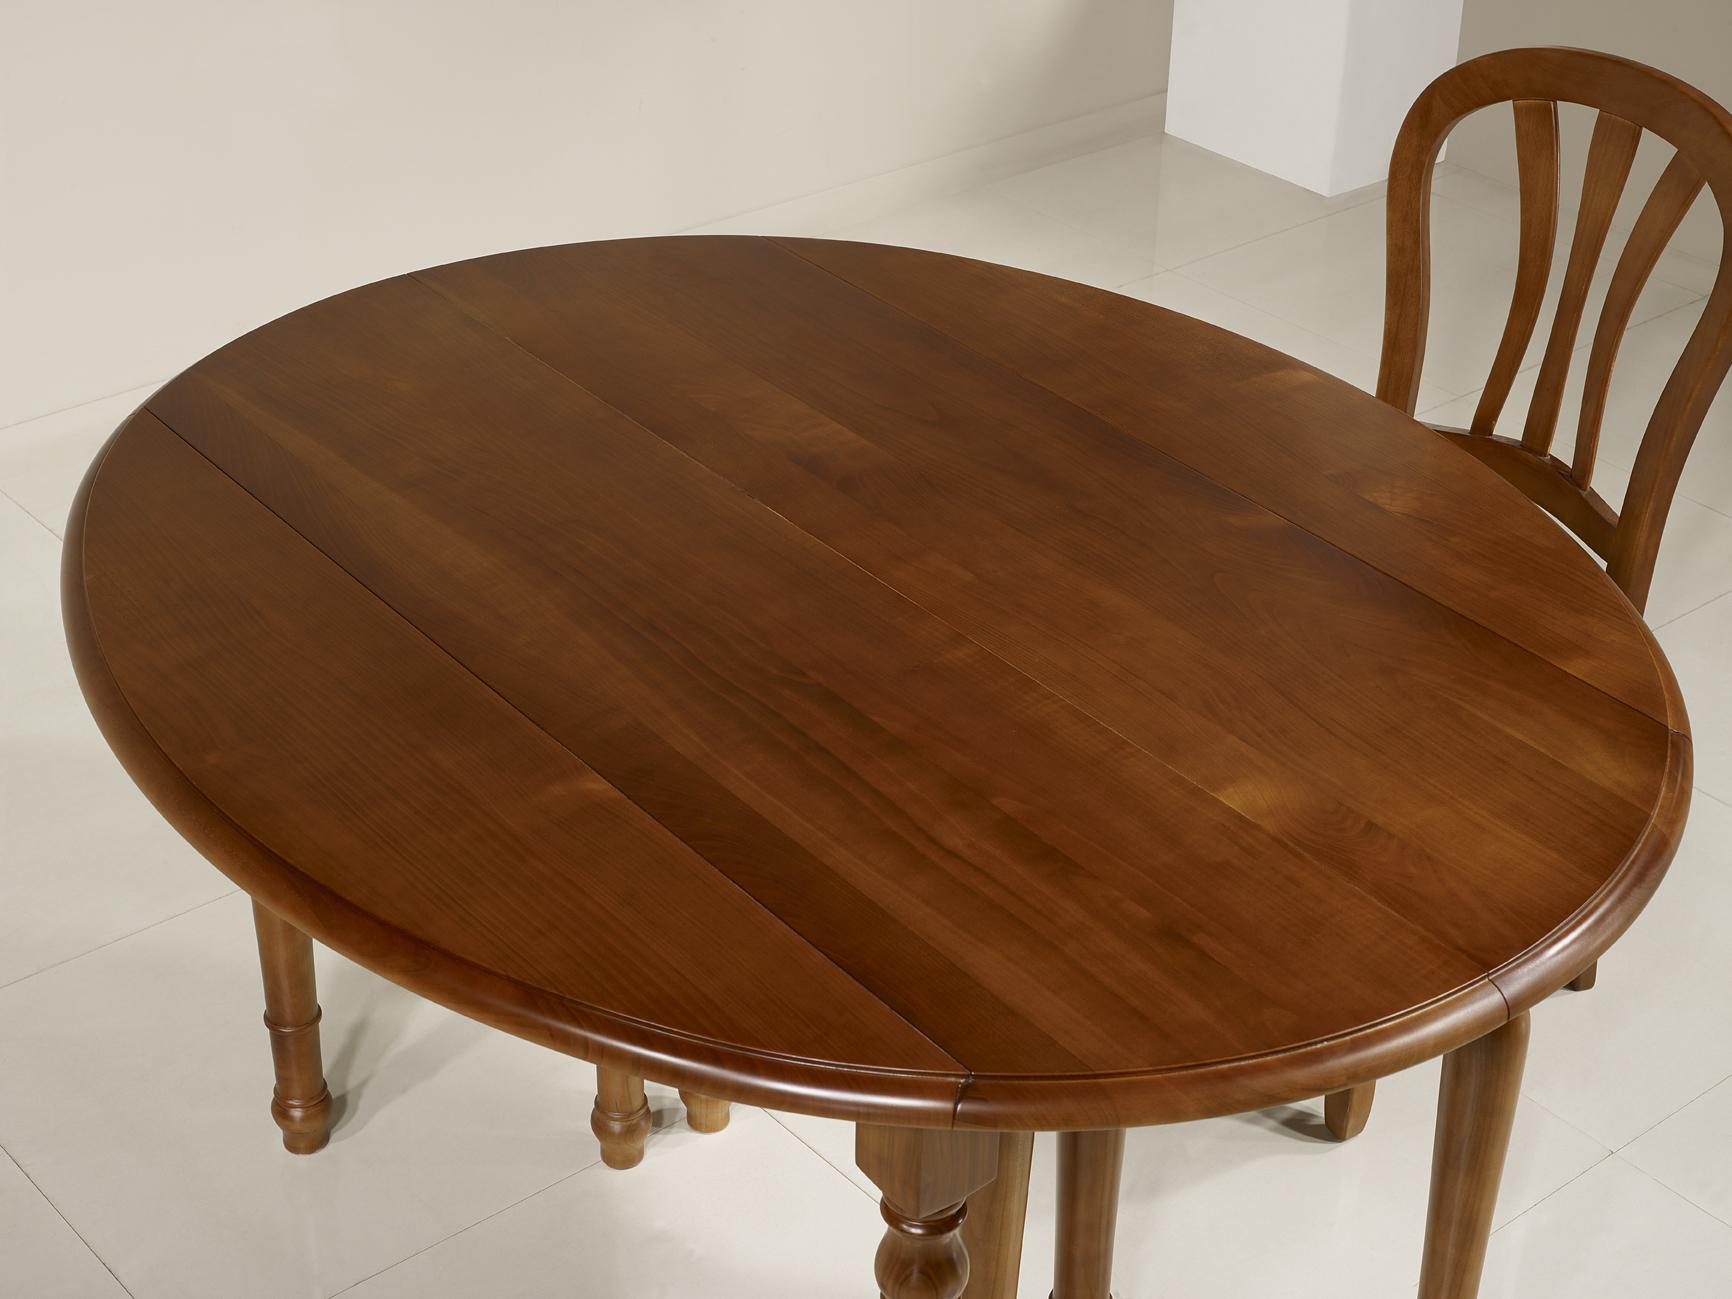 Table ronde volets diametre 120 en merisier massif de - Table ronde style louis philippe ...